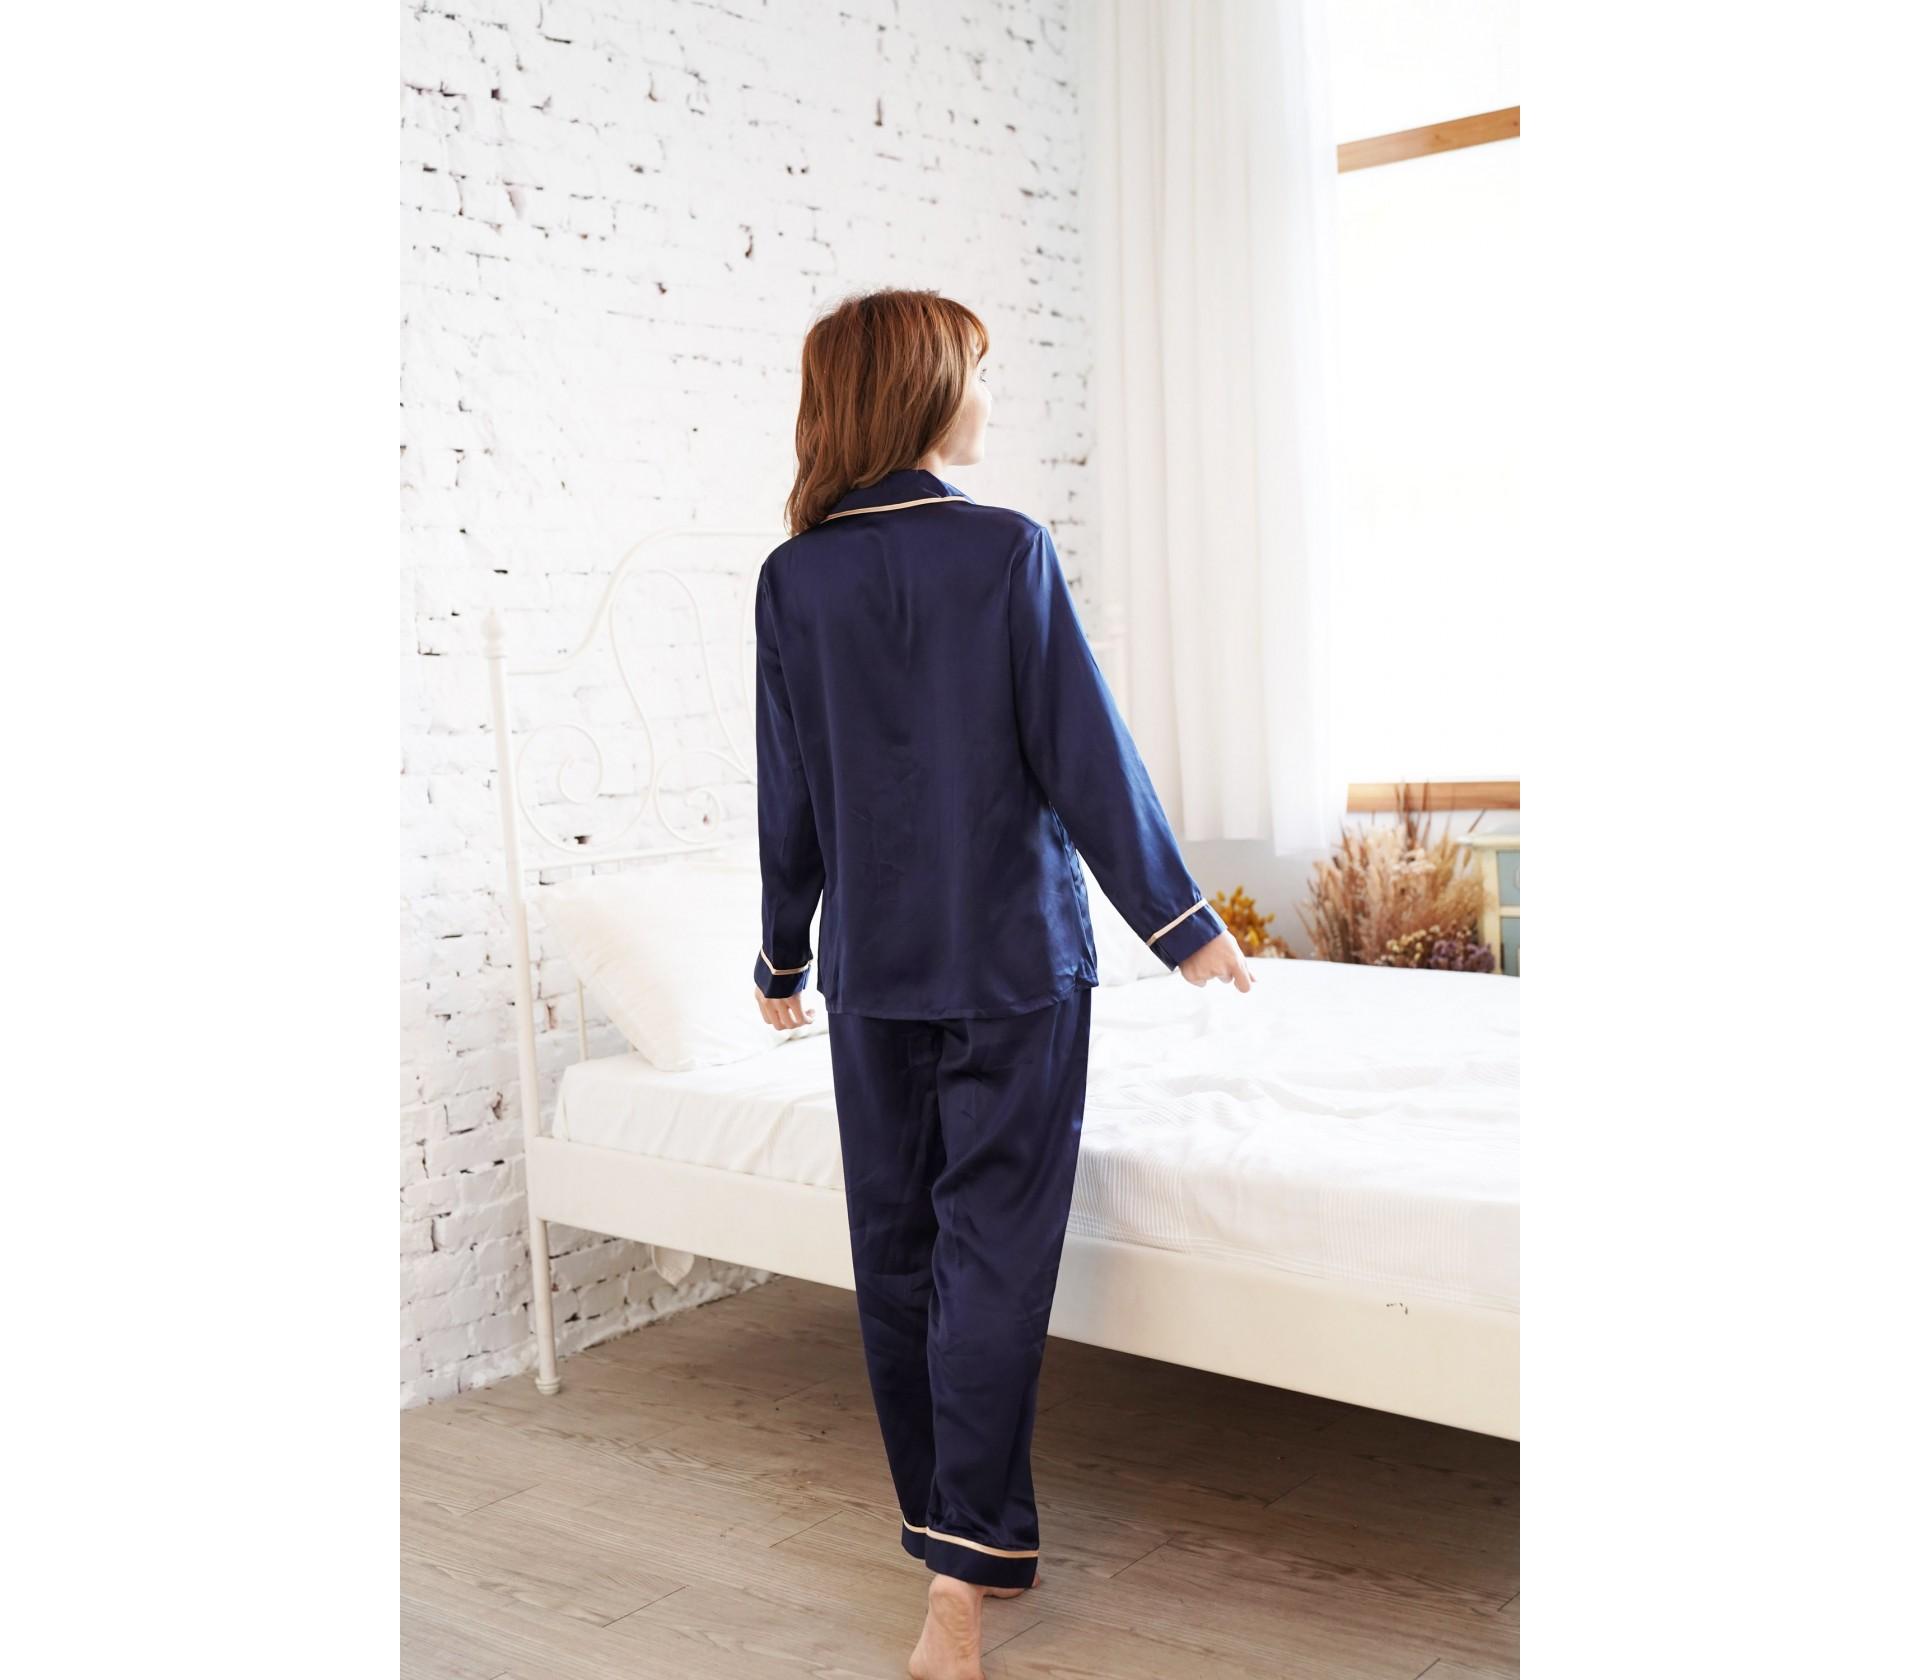 藍色滾邊長袖套裝睡衣-3760